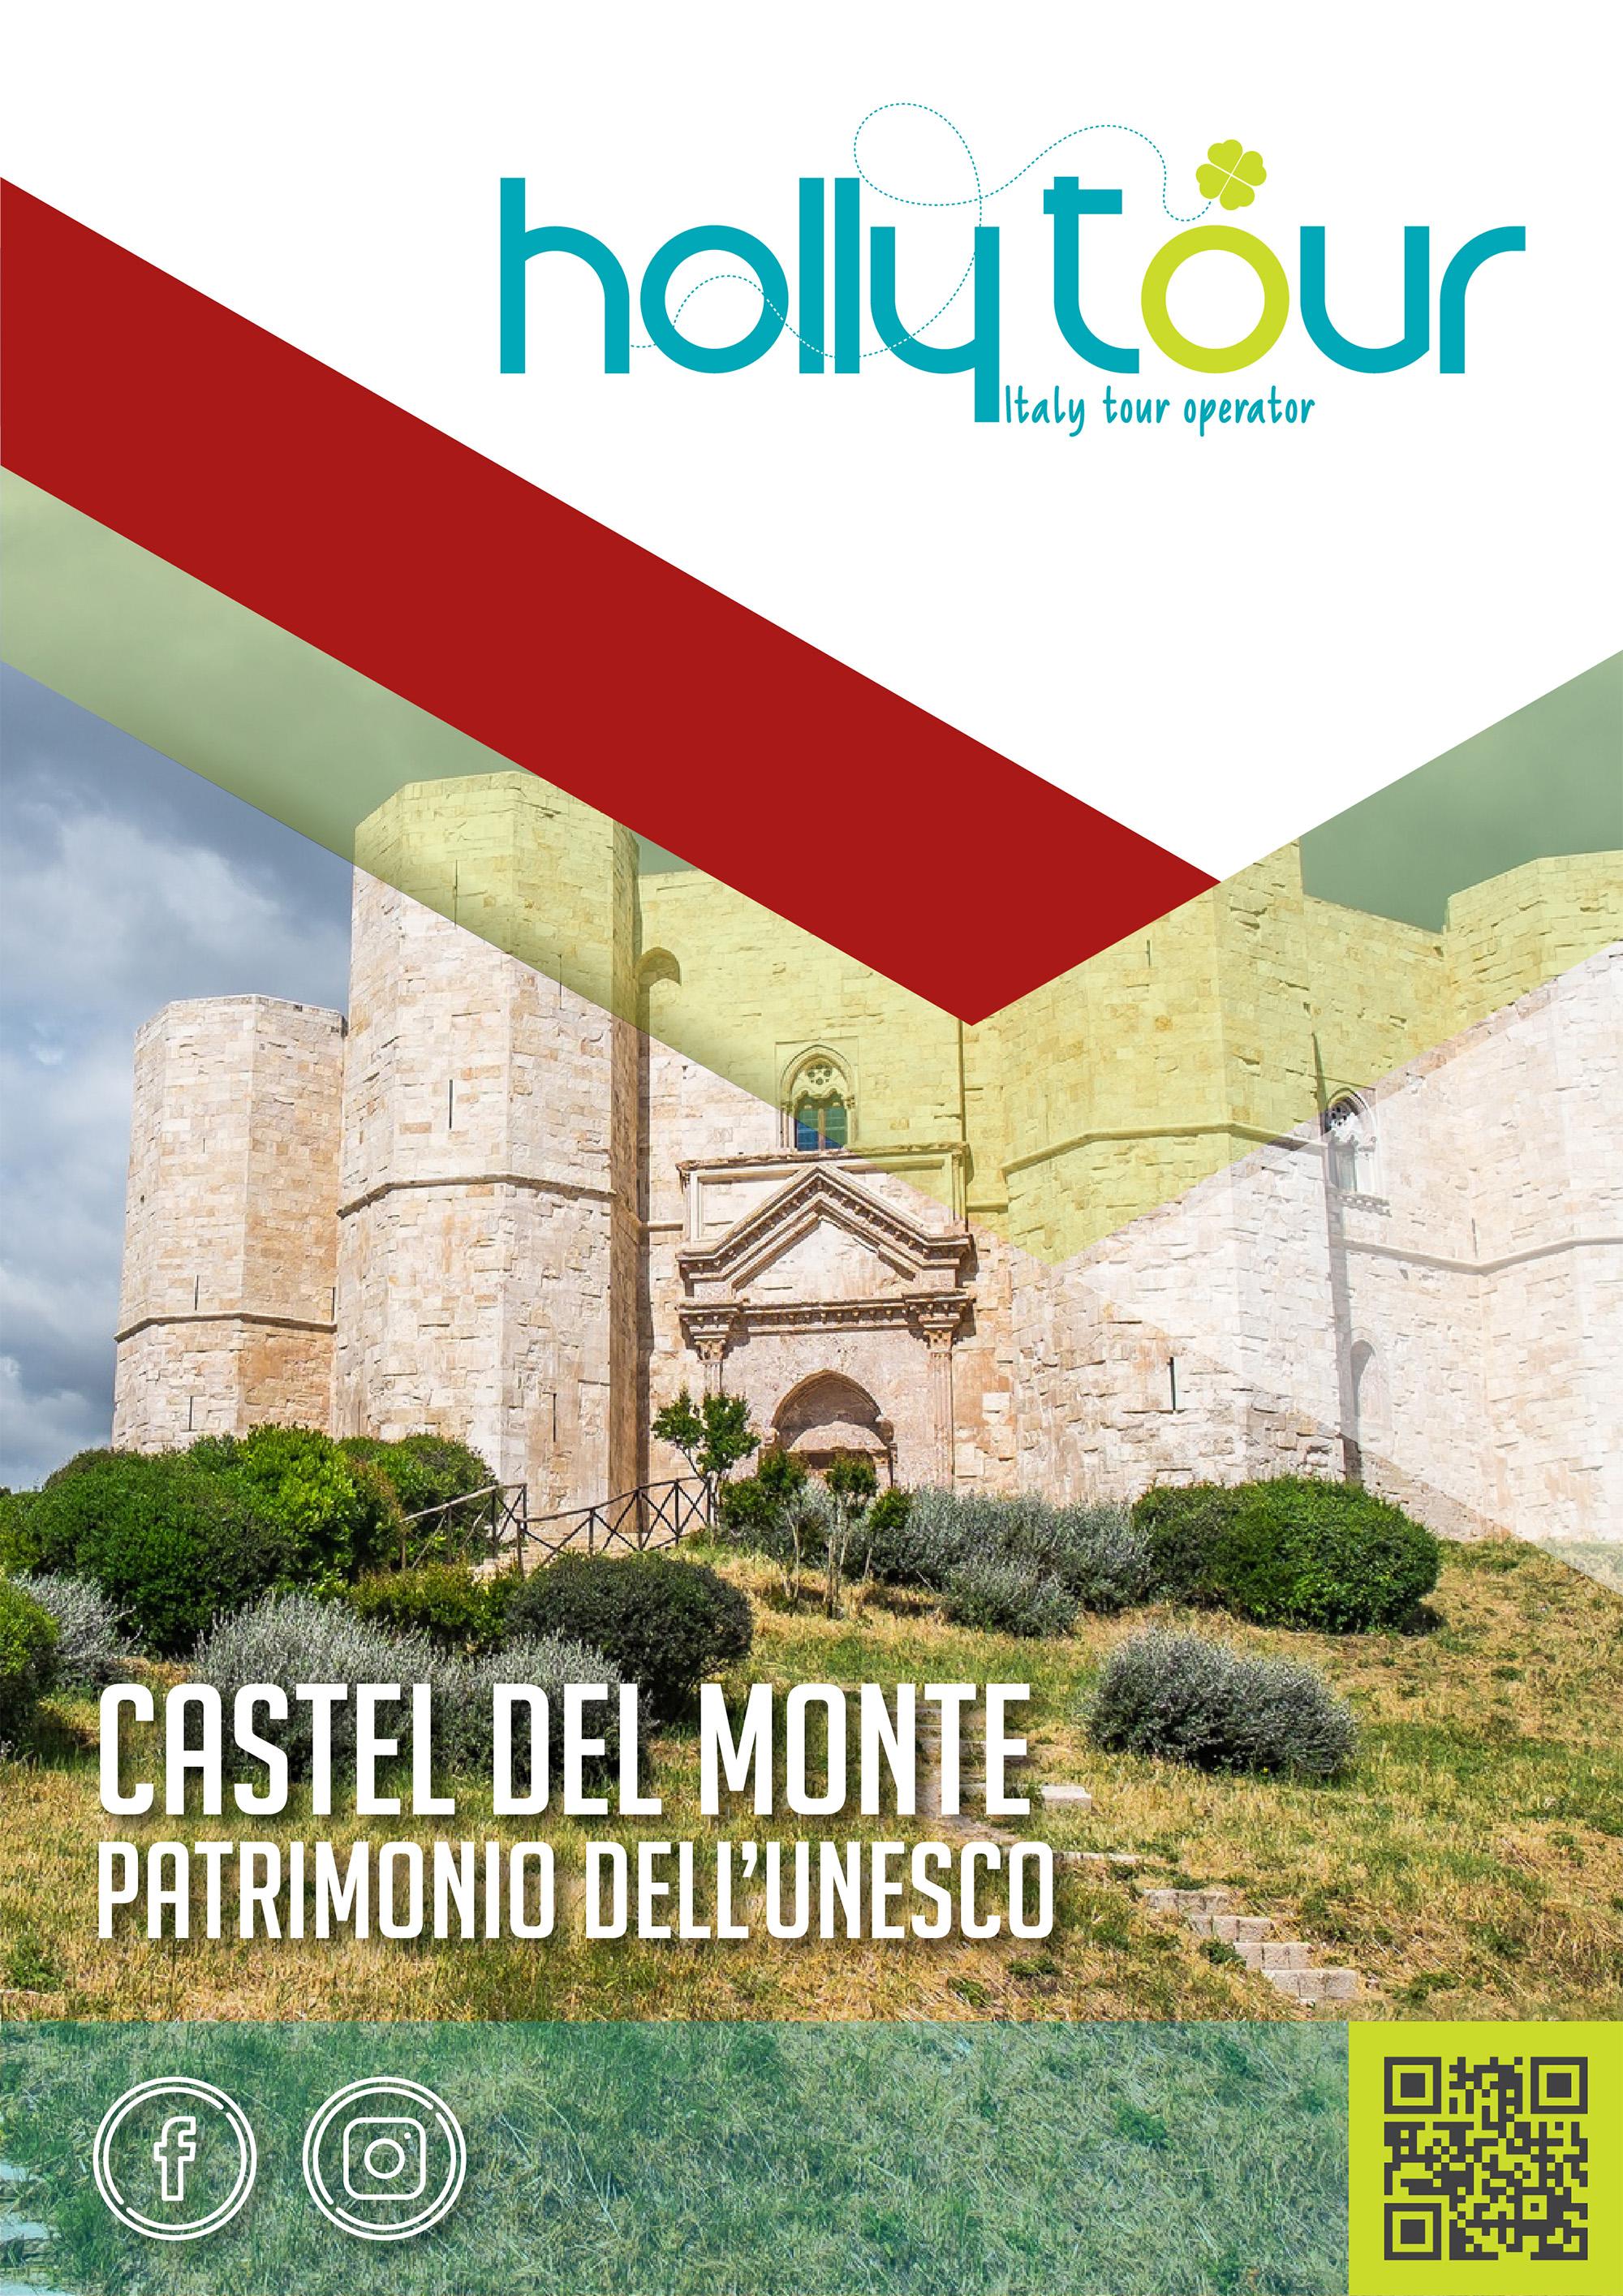 CASTEL DEL MONTE, PATRIMONIO UNESCO